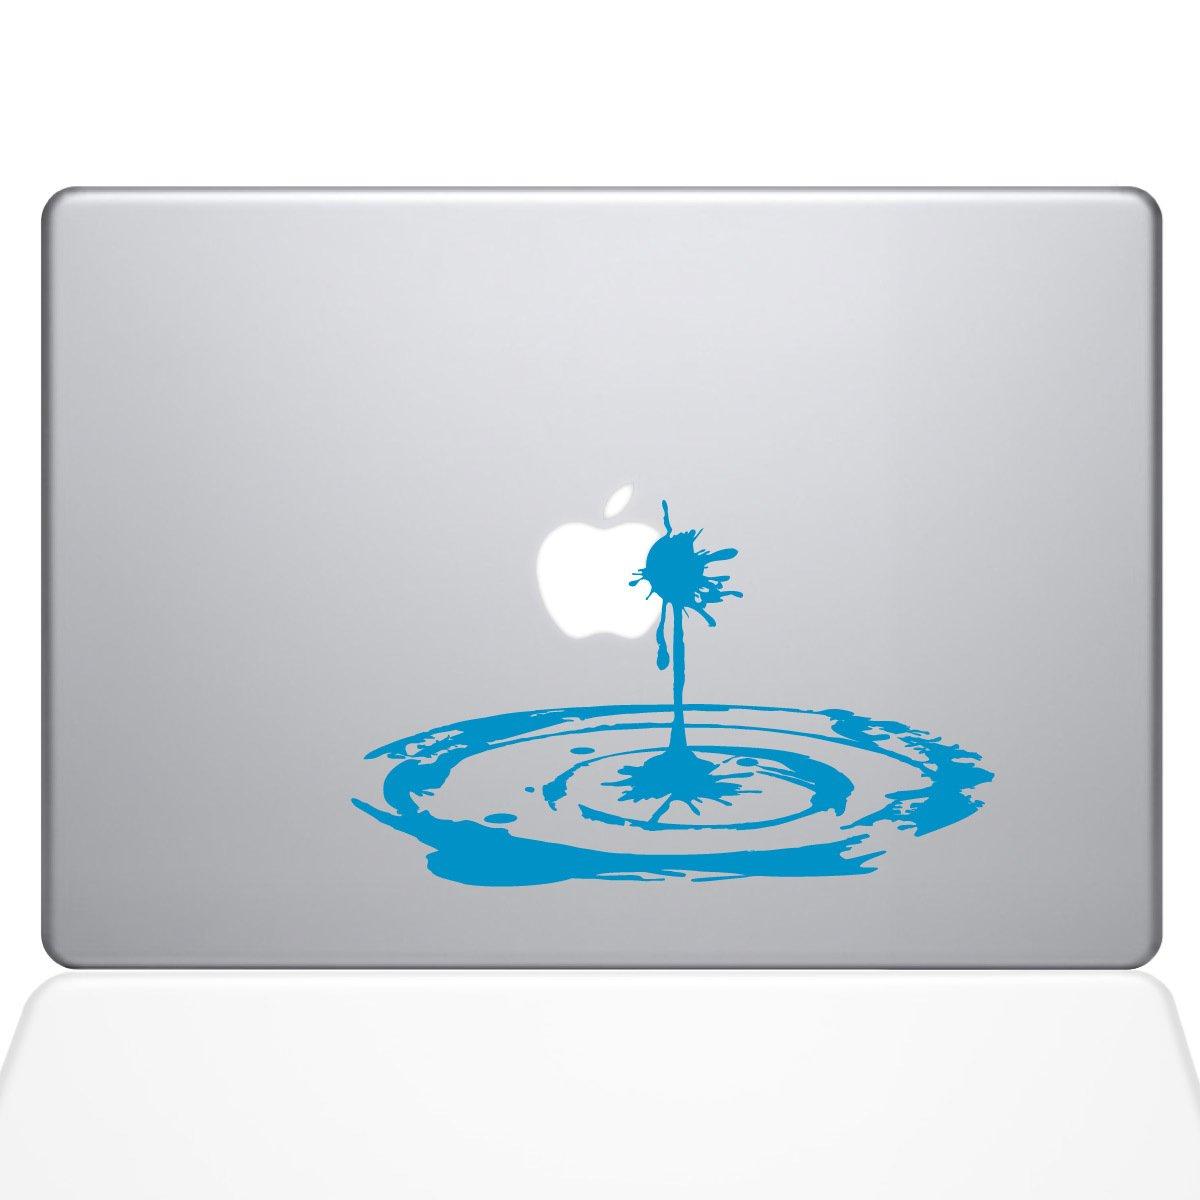 【スーパーセール】 Apple SauceショットMacbookデカール、Die グレイ Cut Vinyl Vinyl Decal for Windows車 Cut、トラック、ツールボックス、ノートパソコン、ほぼすべてmacbook-ハード、滑らかな表面 グレイ Titans-Unique-Design-119241-Light-Blue ライトブルー B07239NCRV, エスエスオート:45eacaf1 --- kickit.co.ke